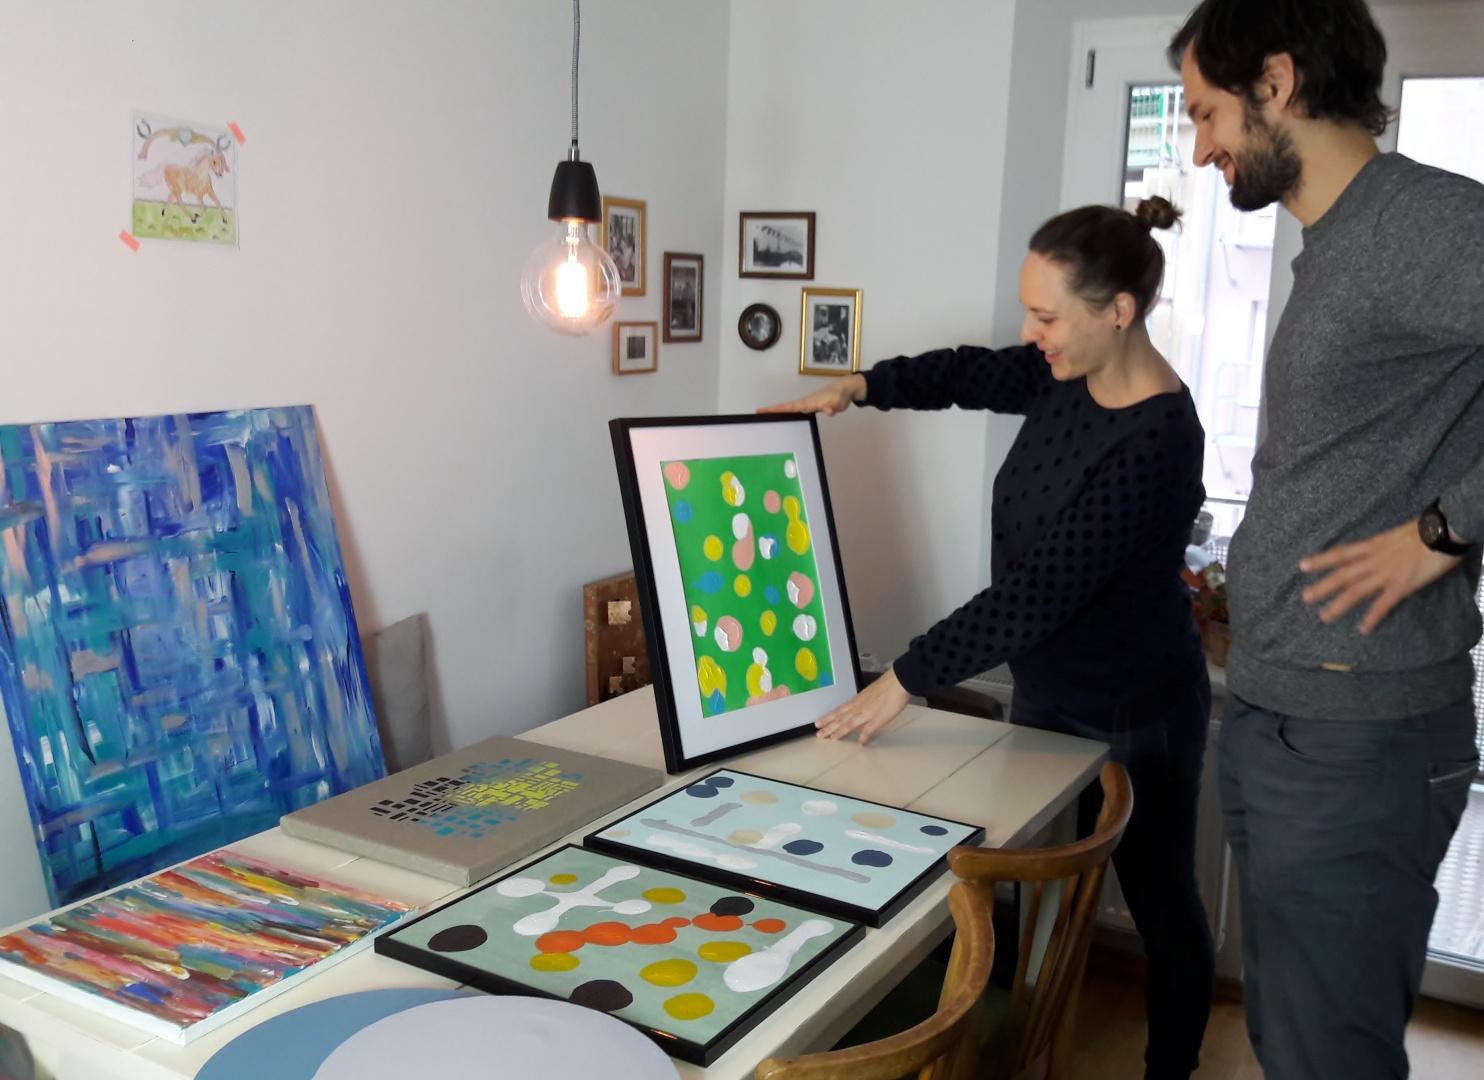 Räume gestalten mit Bildern-PIMPED BY HIPSTER HOME-